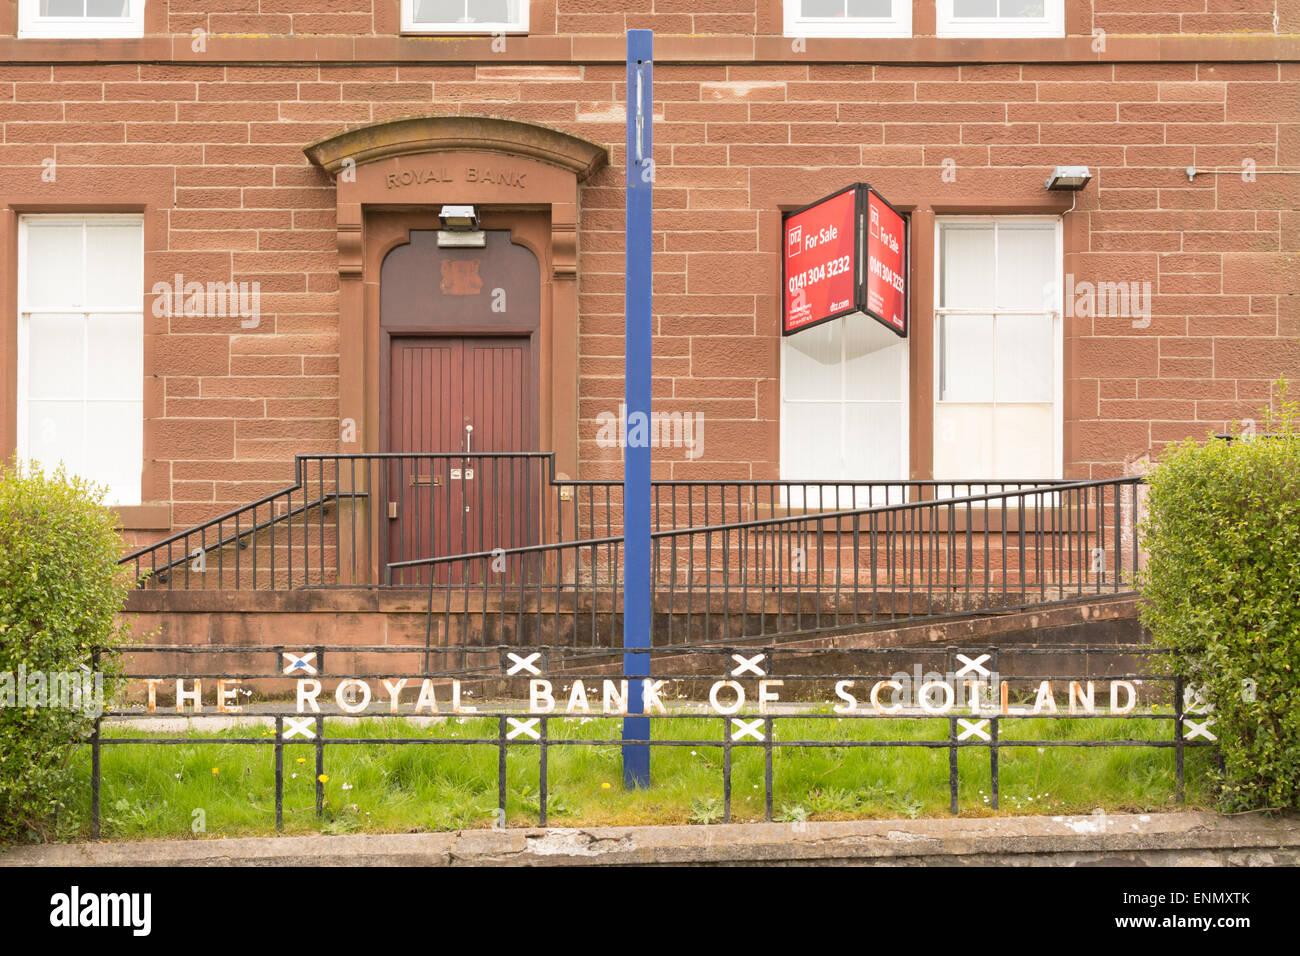 Die königliche Bank von Schottland, Drymen - Ländliche Zweig geschlossen und zum Verkauf Stockbild